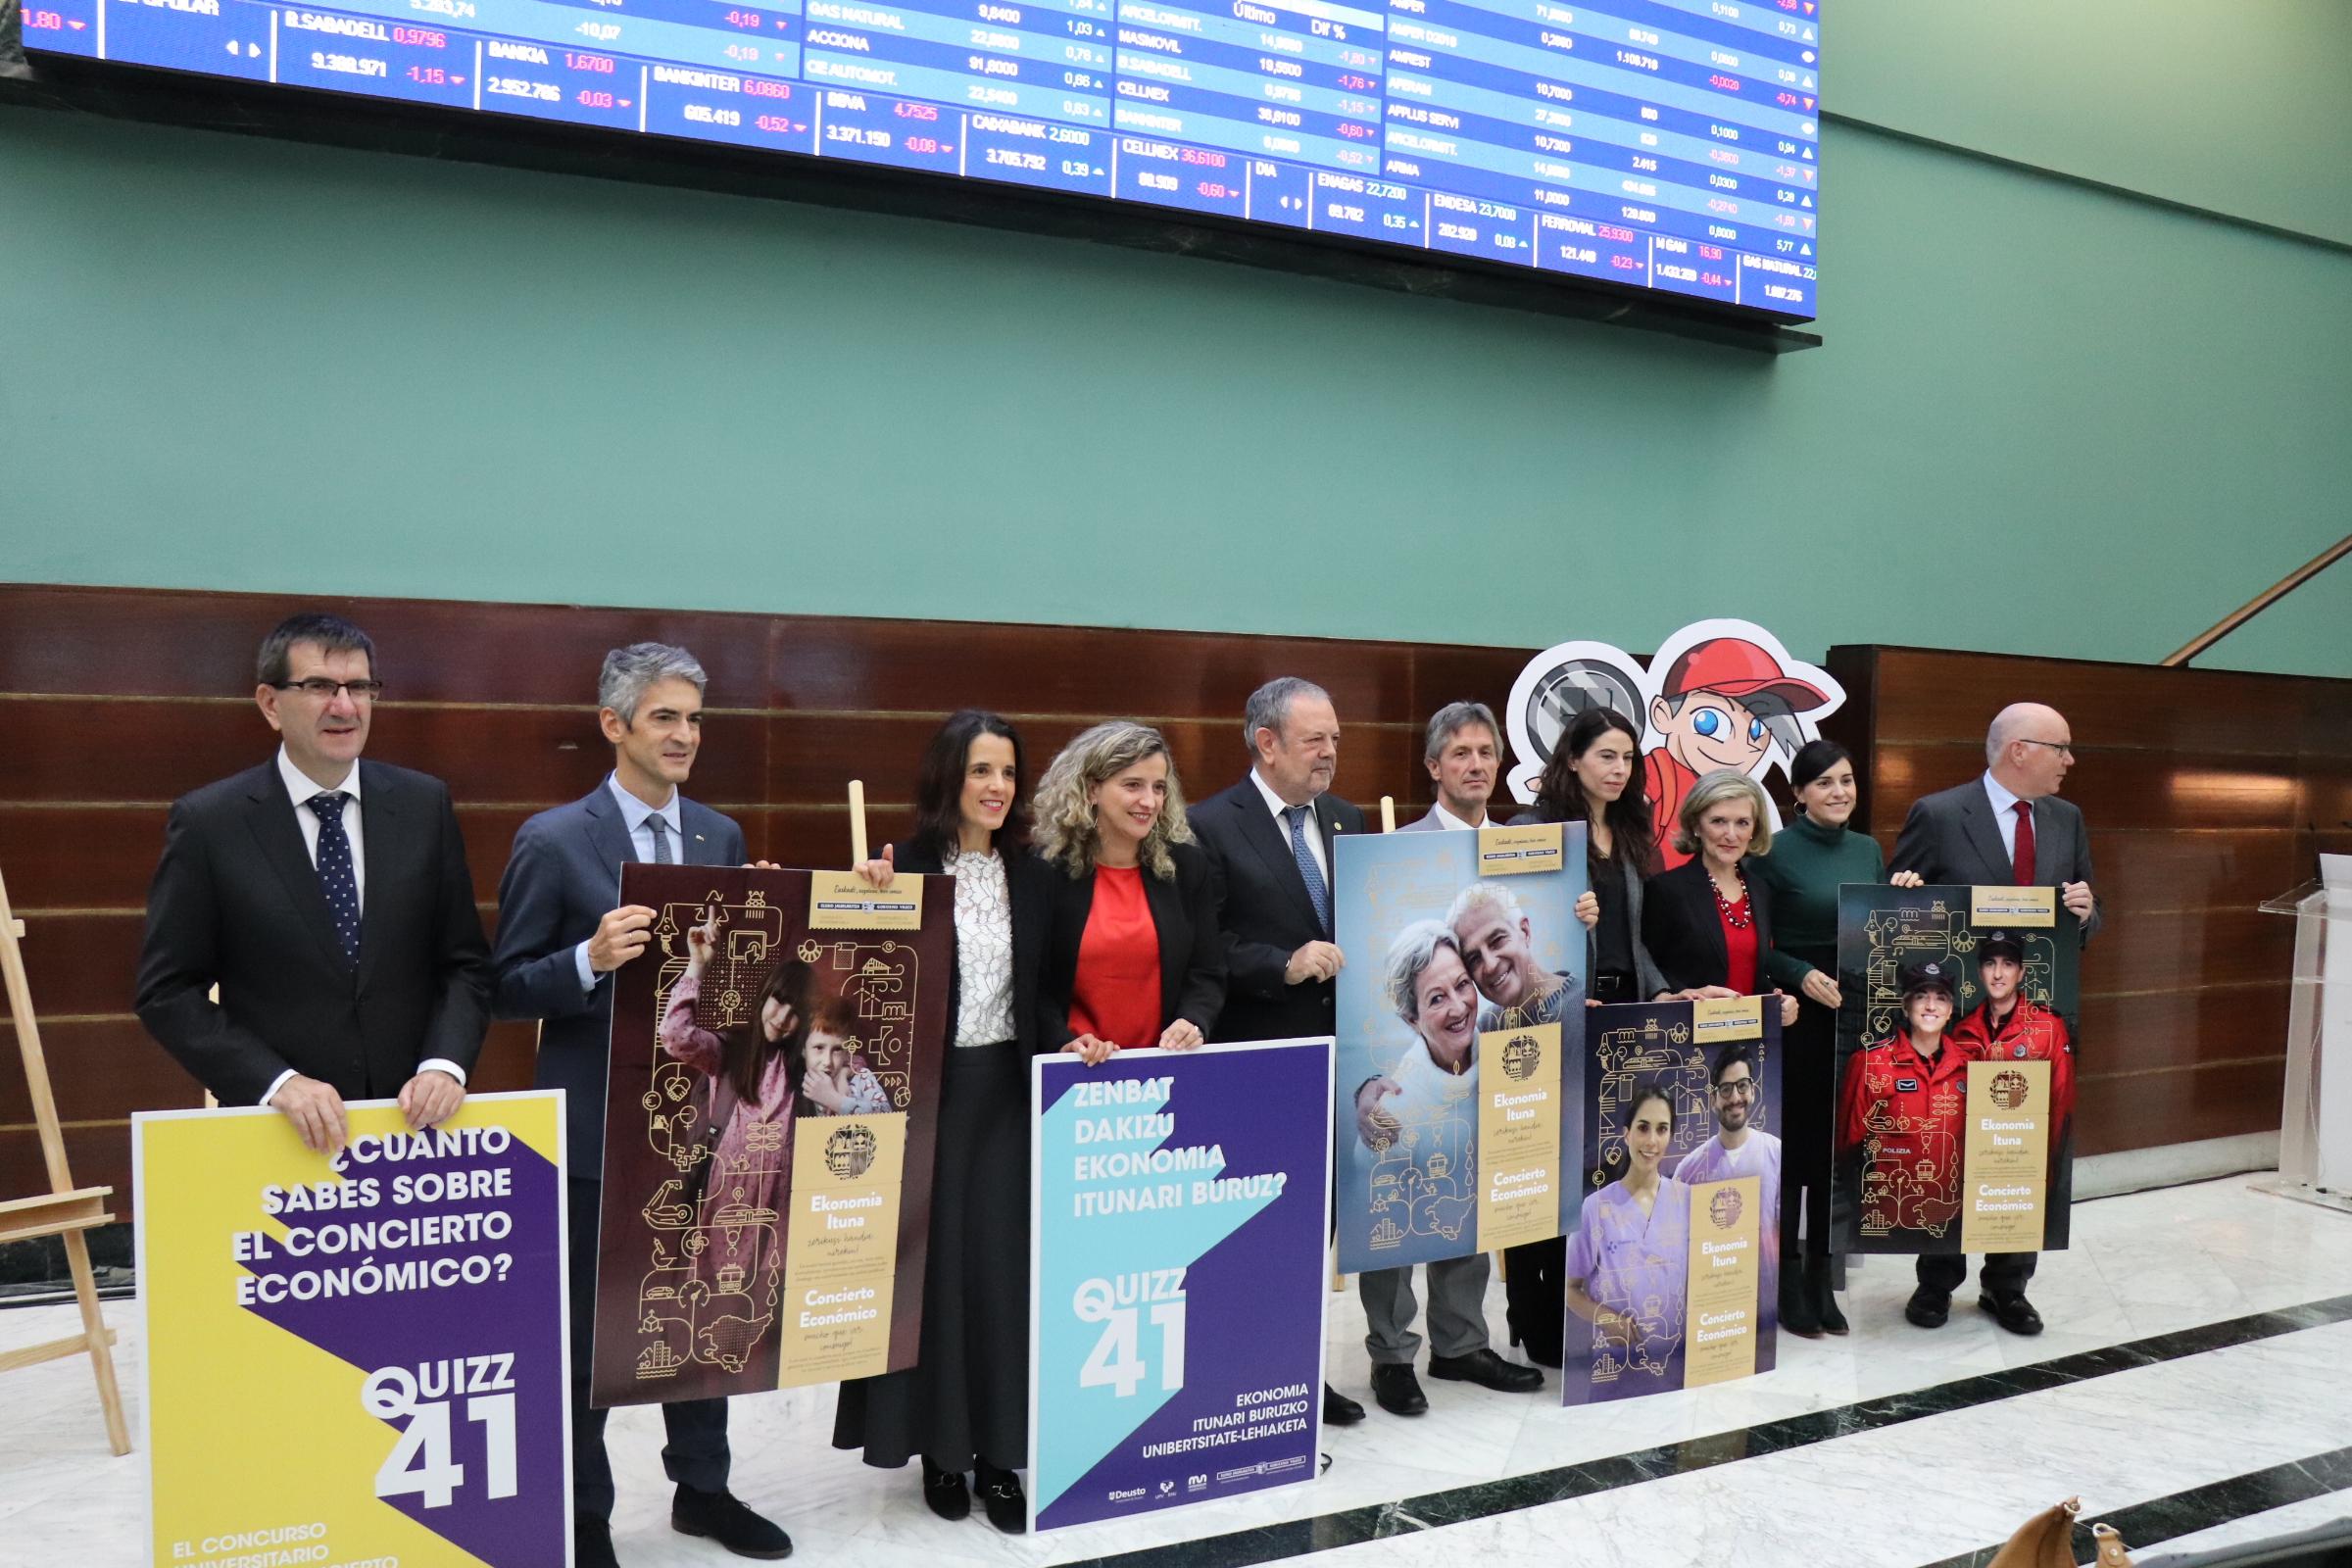 El Consejero de Hacienda y Economía, Pedro Azpiazu, presenta las actividades de difusión y promoción del Concierto Económico previstas para noviembre y diciembre de 2019.